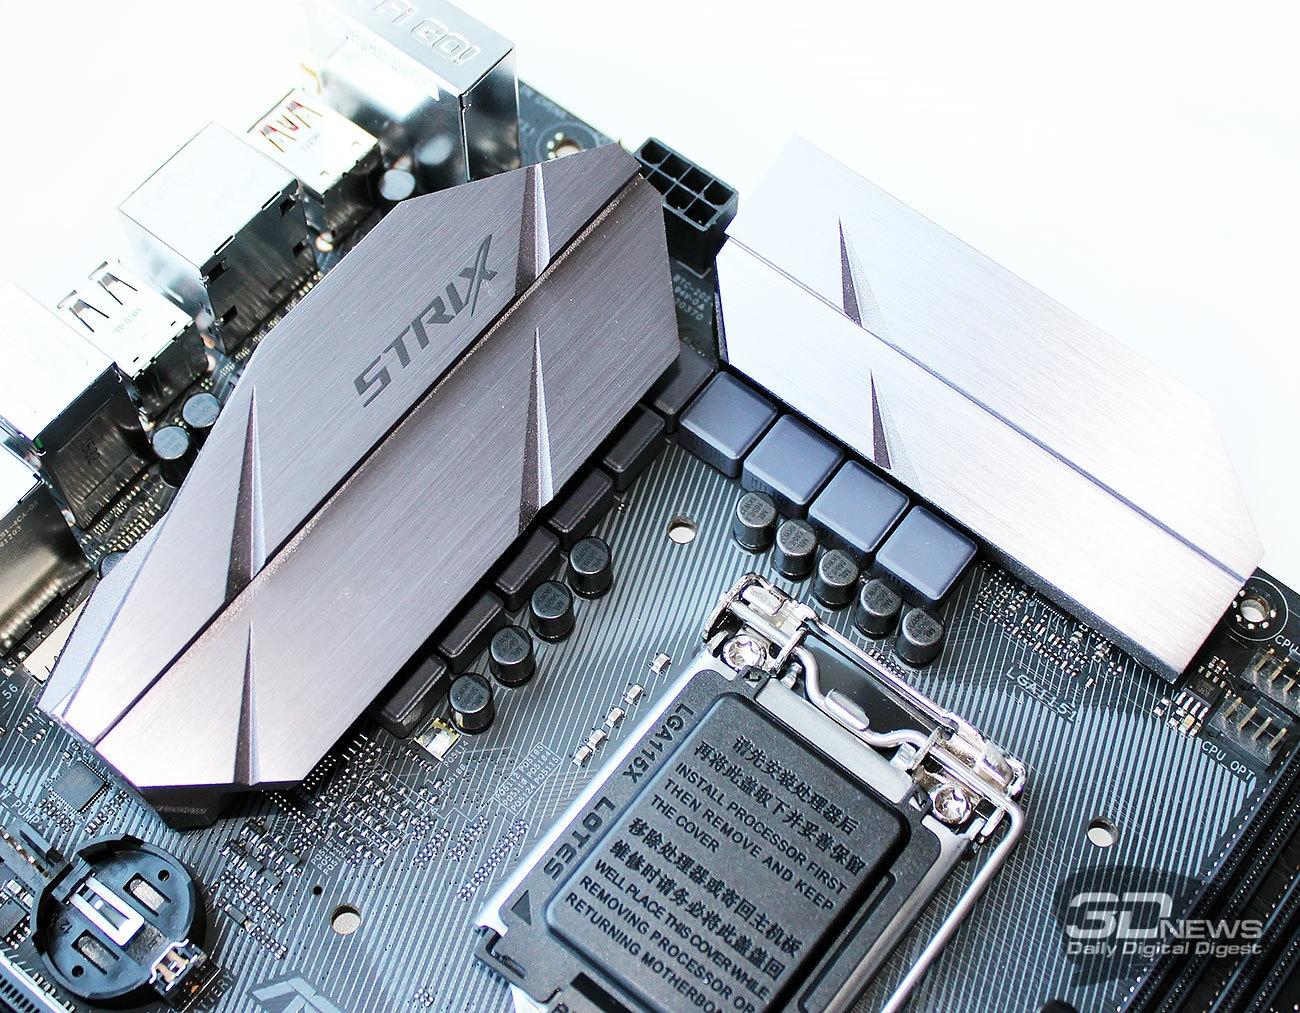 Обзор и тестирование материнской платы ASUS ROG STRIX Z270G Gaming